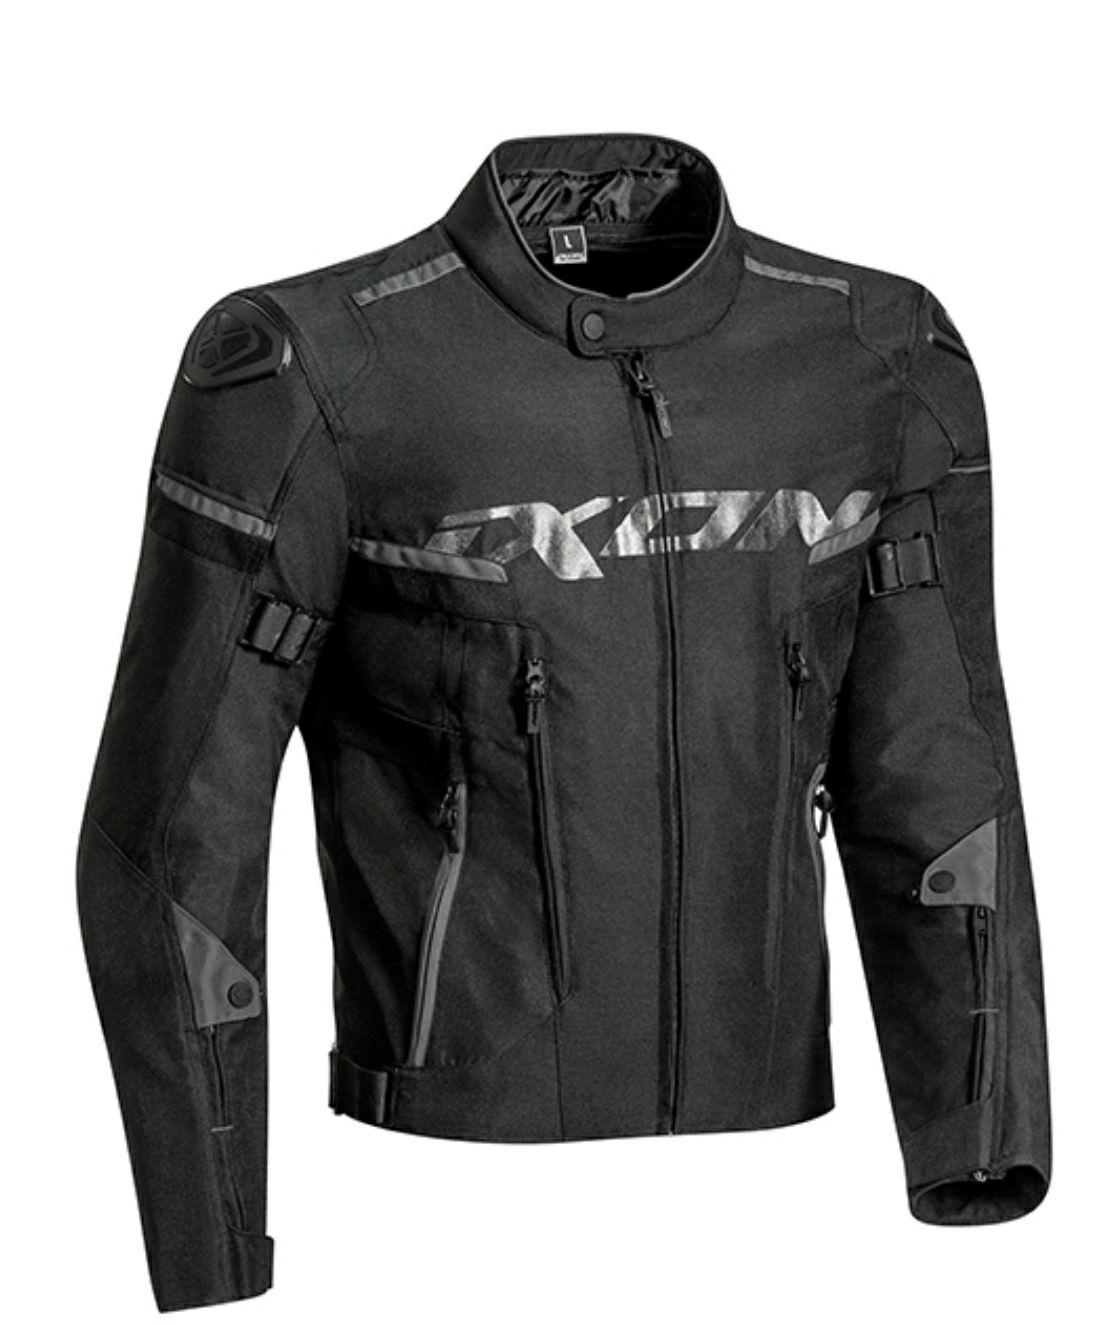 Blouson de moto en textile Ixon Sirocco - Tailles M à 3XL